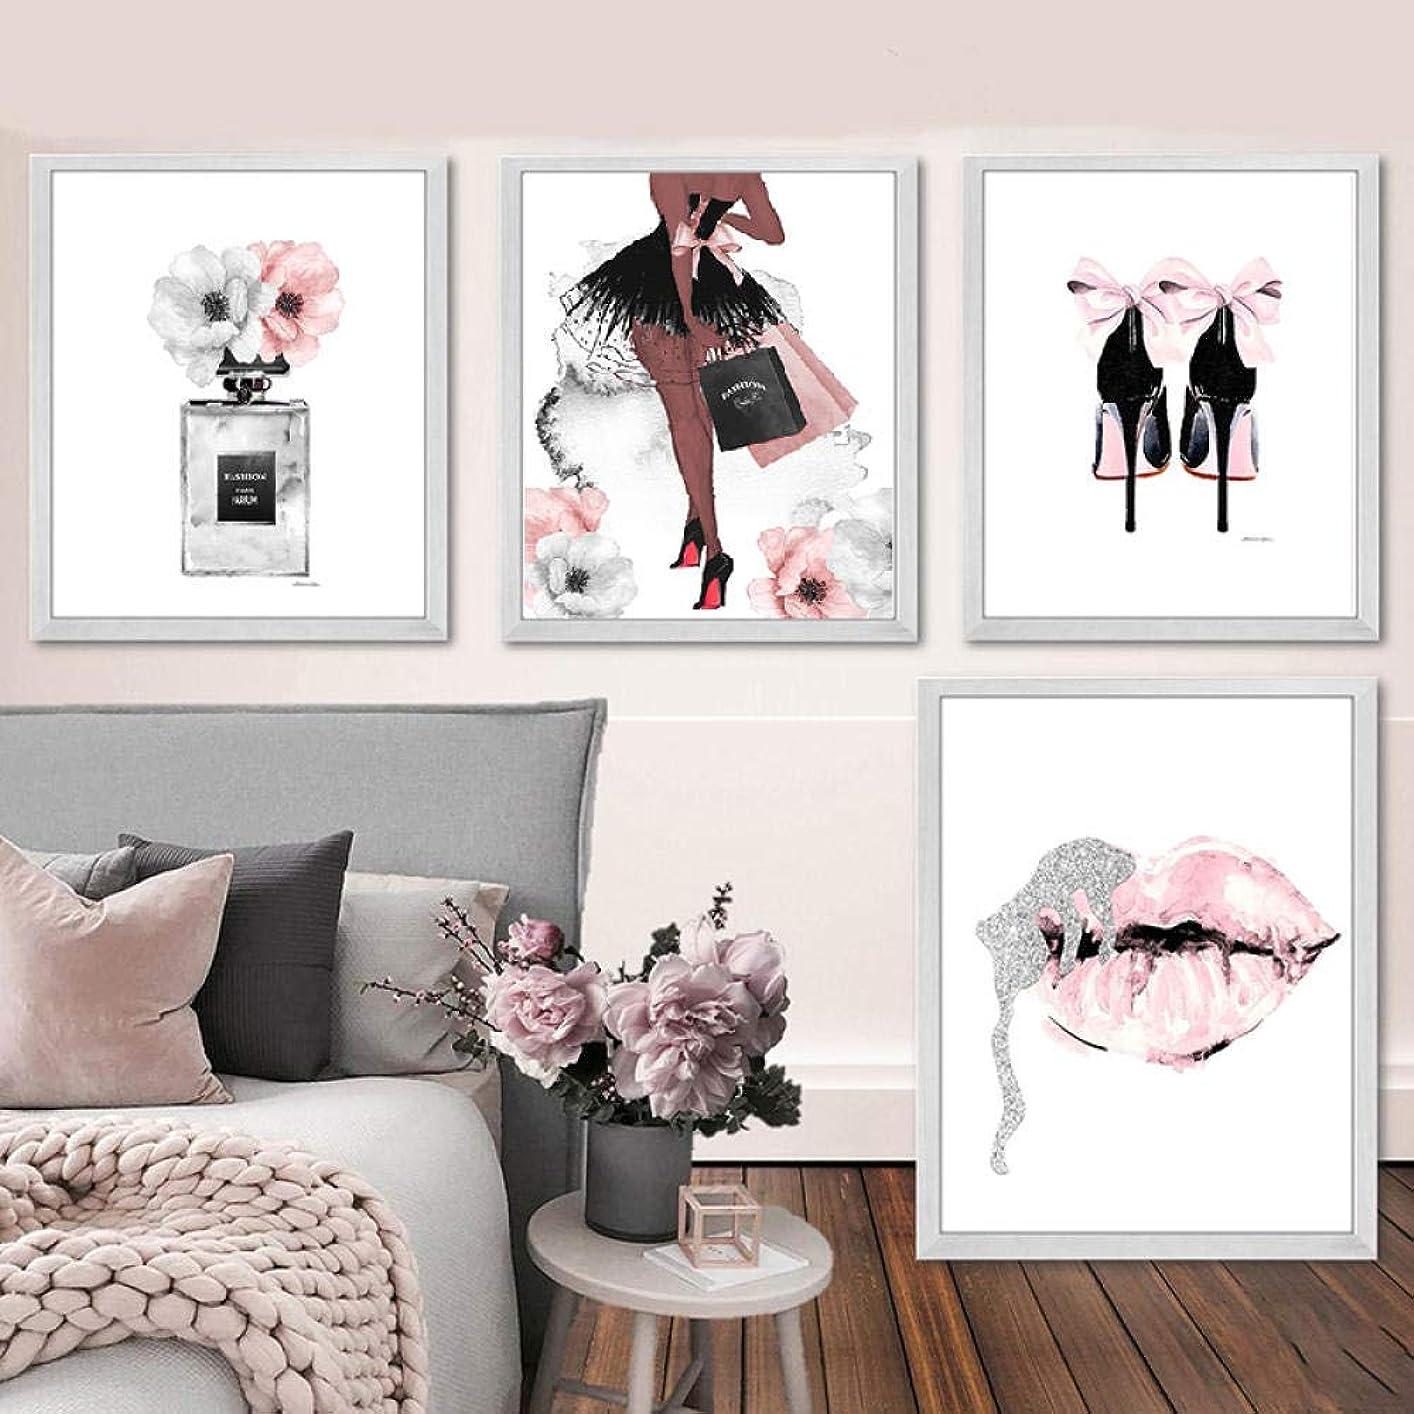 アクセス武器オリエントファッション壁アート香水唇ポスター北欧プリントハイヒールキャンバス絵画女性写真用リビングルーム現代装飾40×50センチ×4-フレームなし